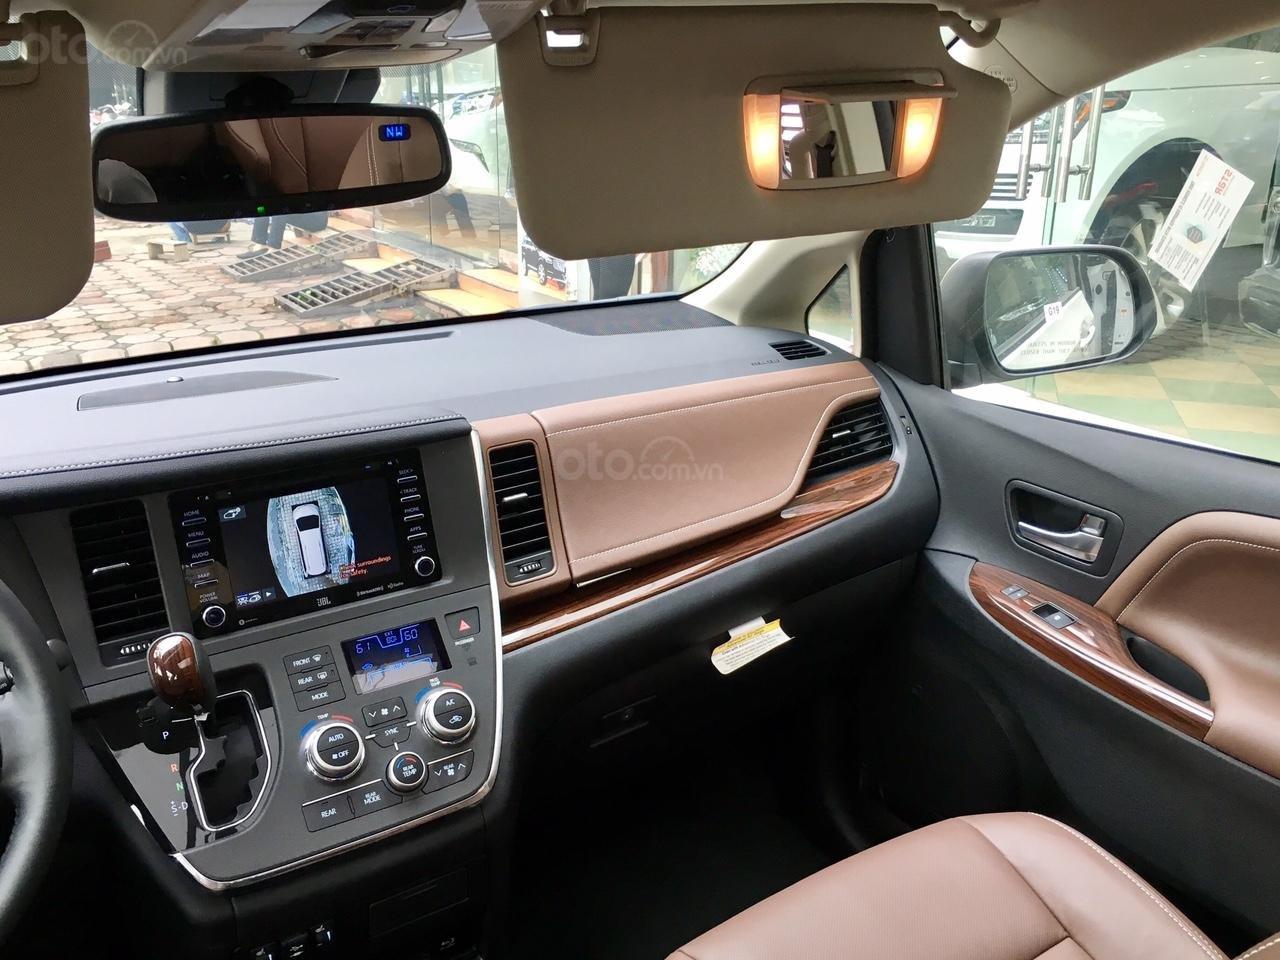 Bán Toyota Sienna Limited 2020 bản 1 cầu, giá tốt, nhập Mỹ giao ngay toàn quốc- LH 0945.39.2468 Ms Hương (18)